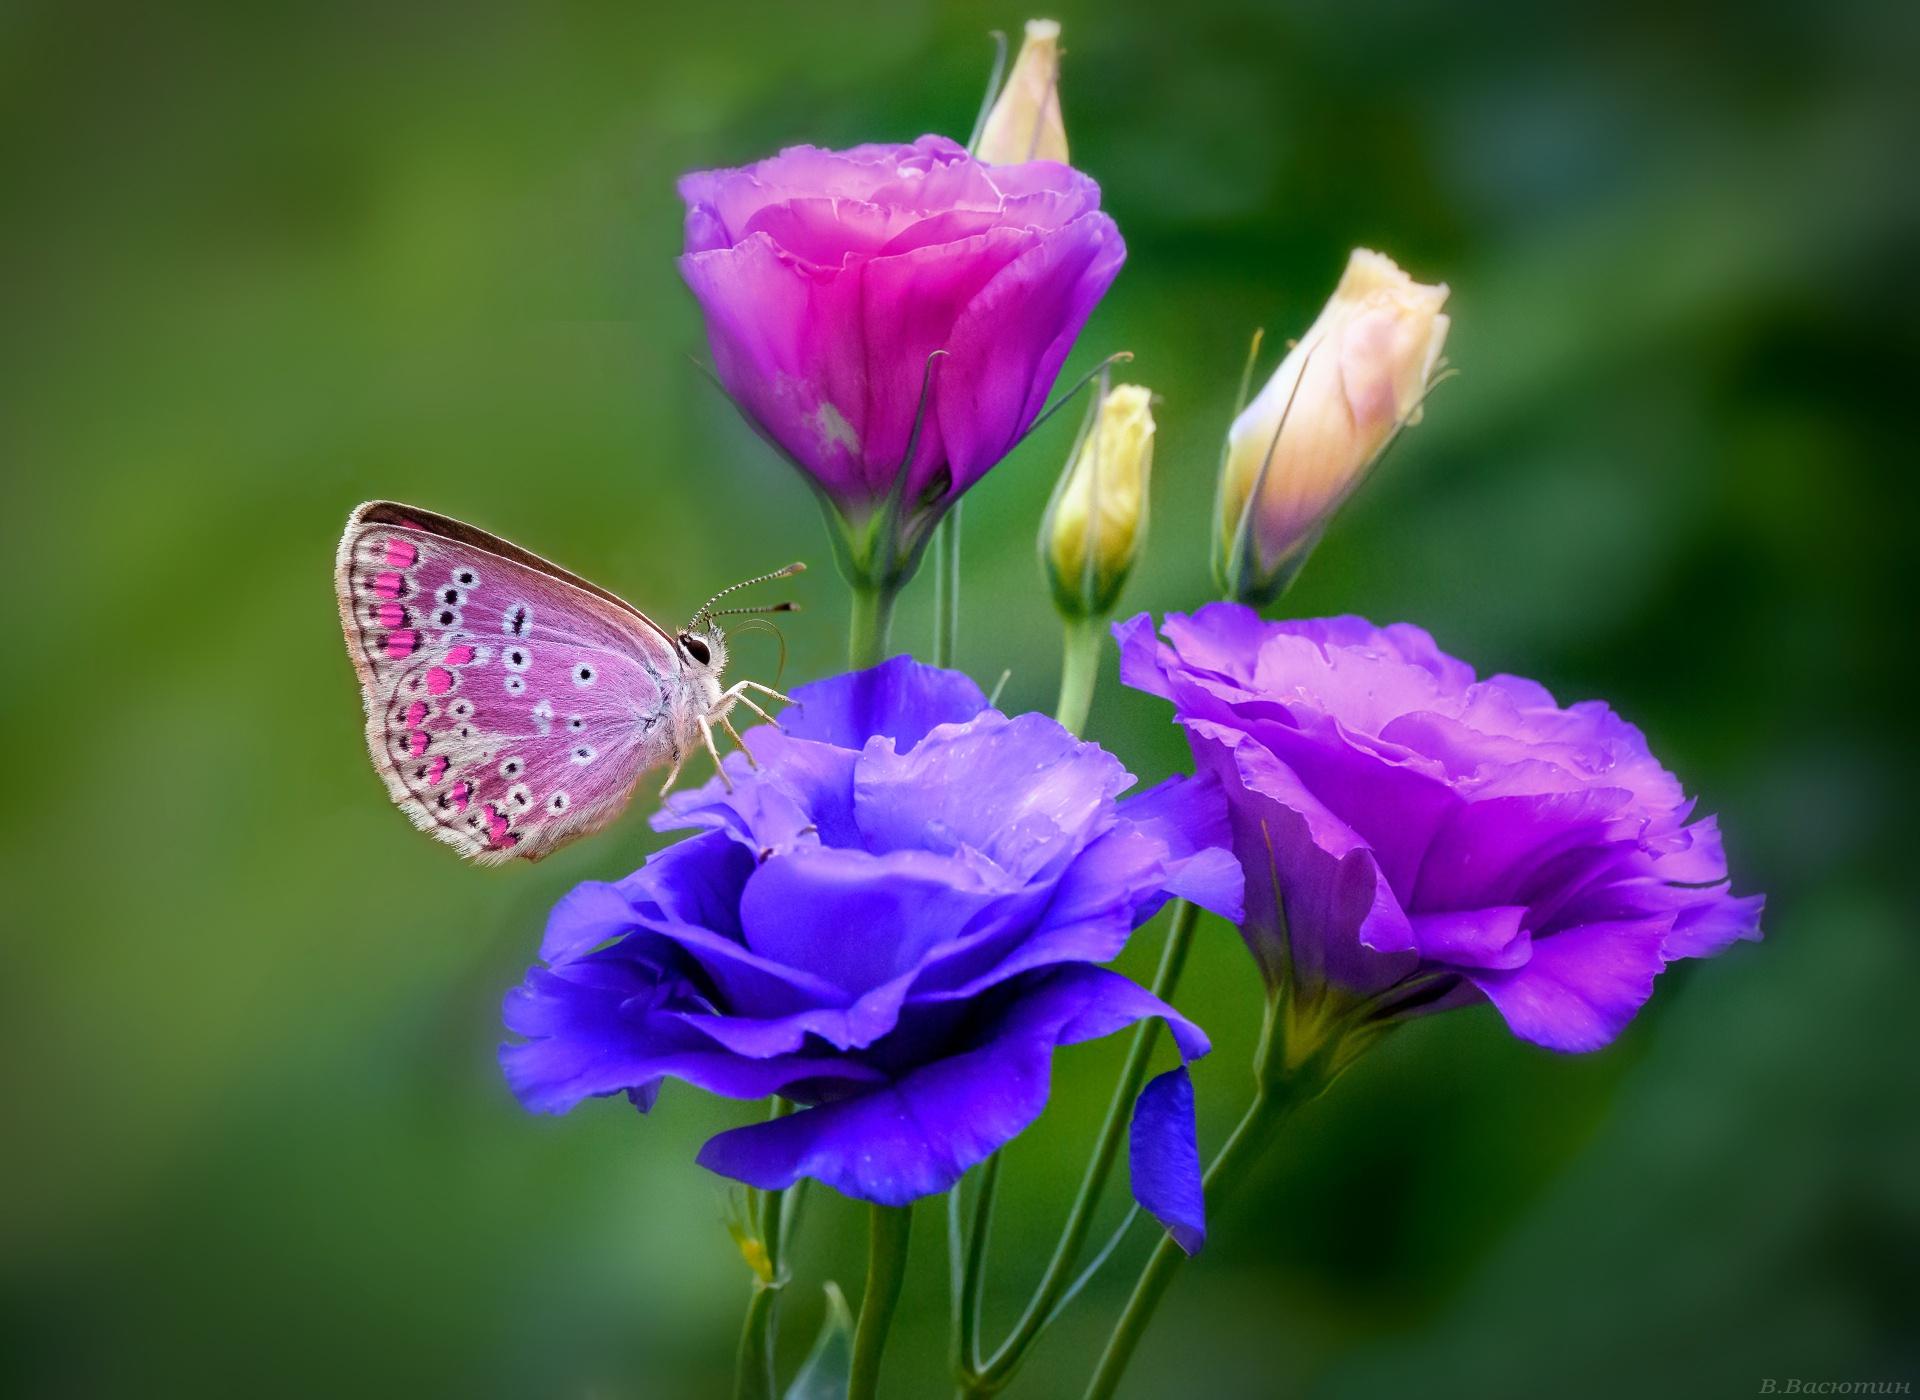 Animal Butterfly Flower Macro Blue Flower Purple Flower - Butterfly Hd , HD Wallpaper & Backgrounds